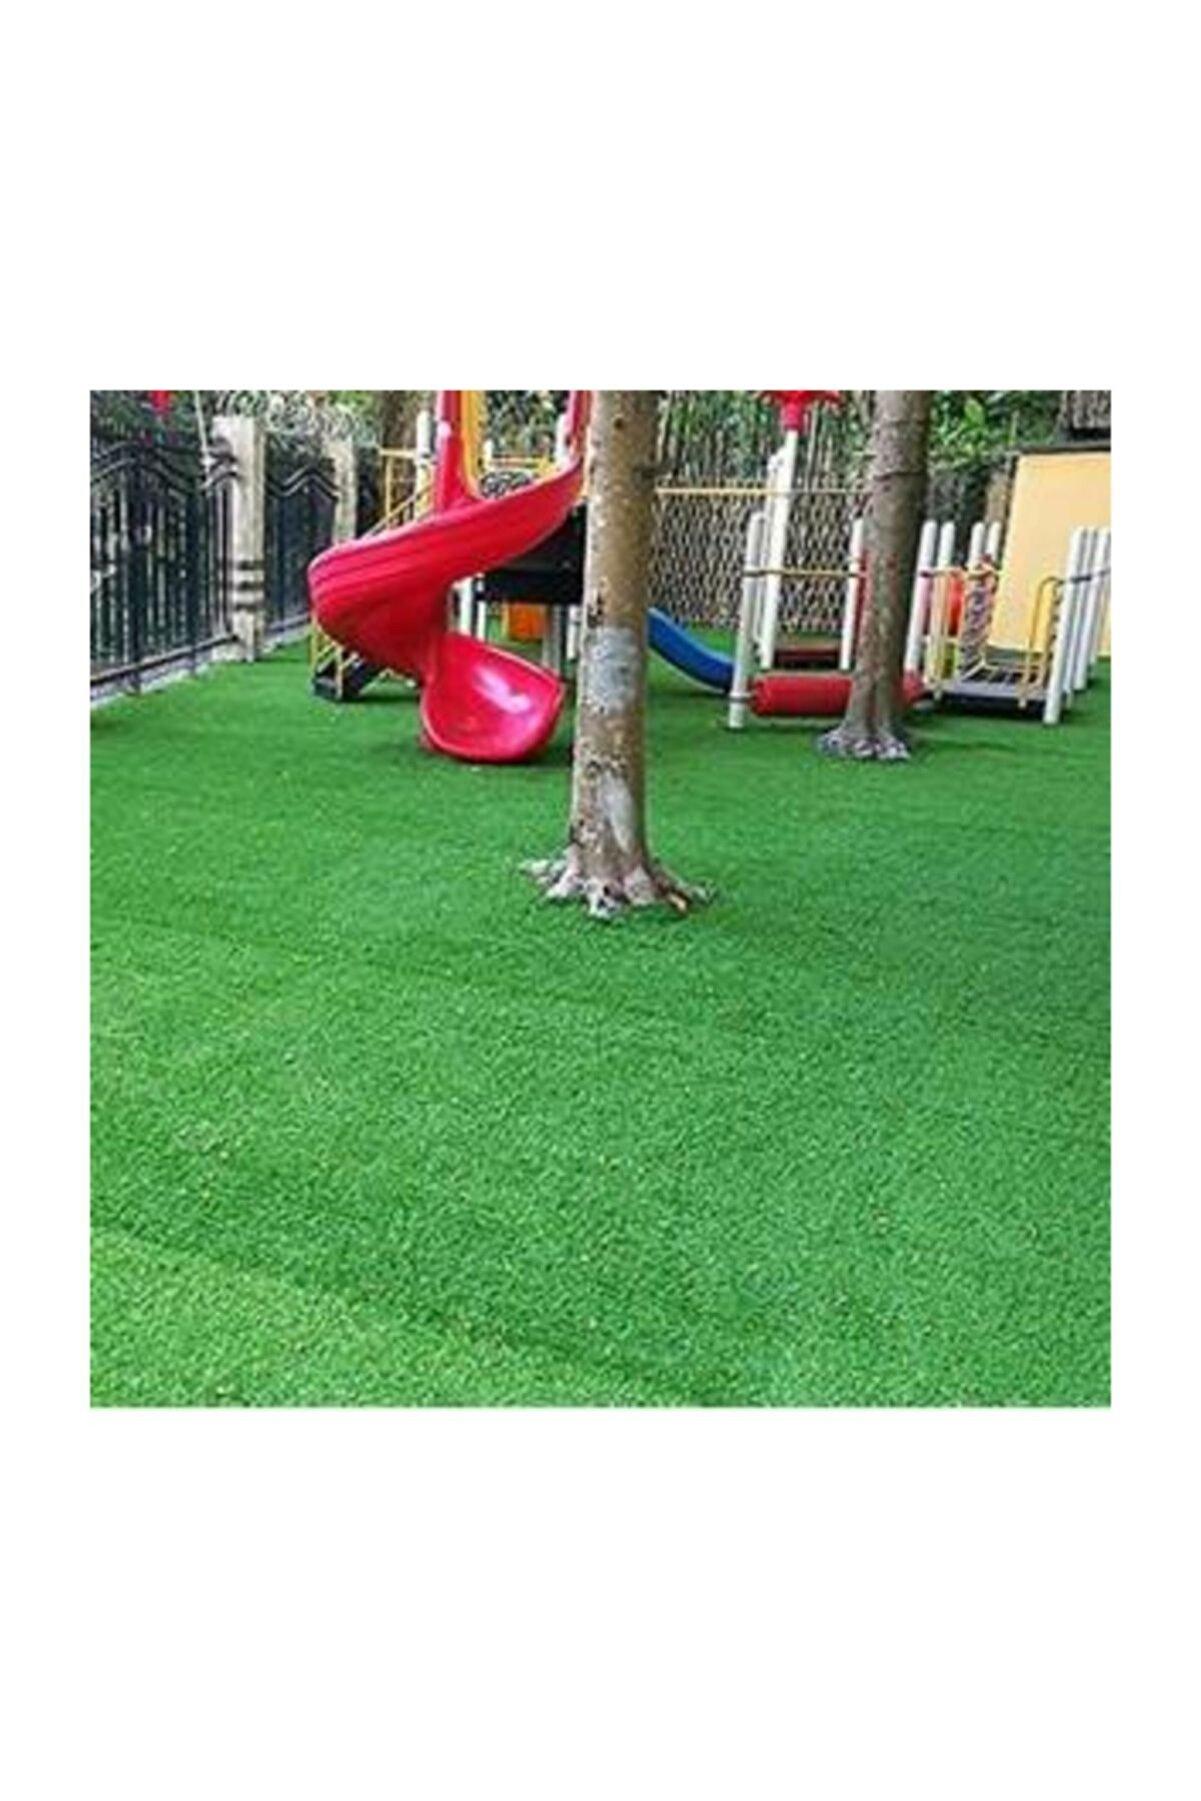 Özel Yapım Çim Halı 2m X 10m Yapay Çim Halı 7 mm